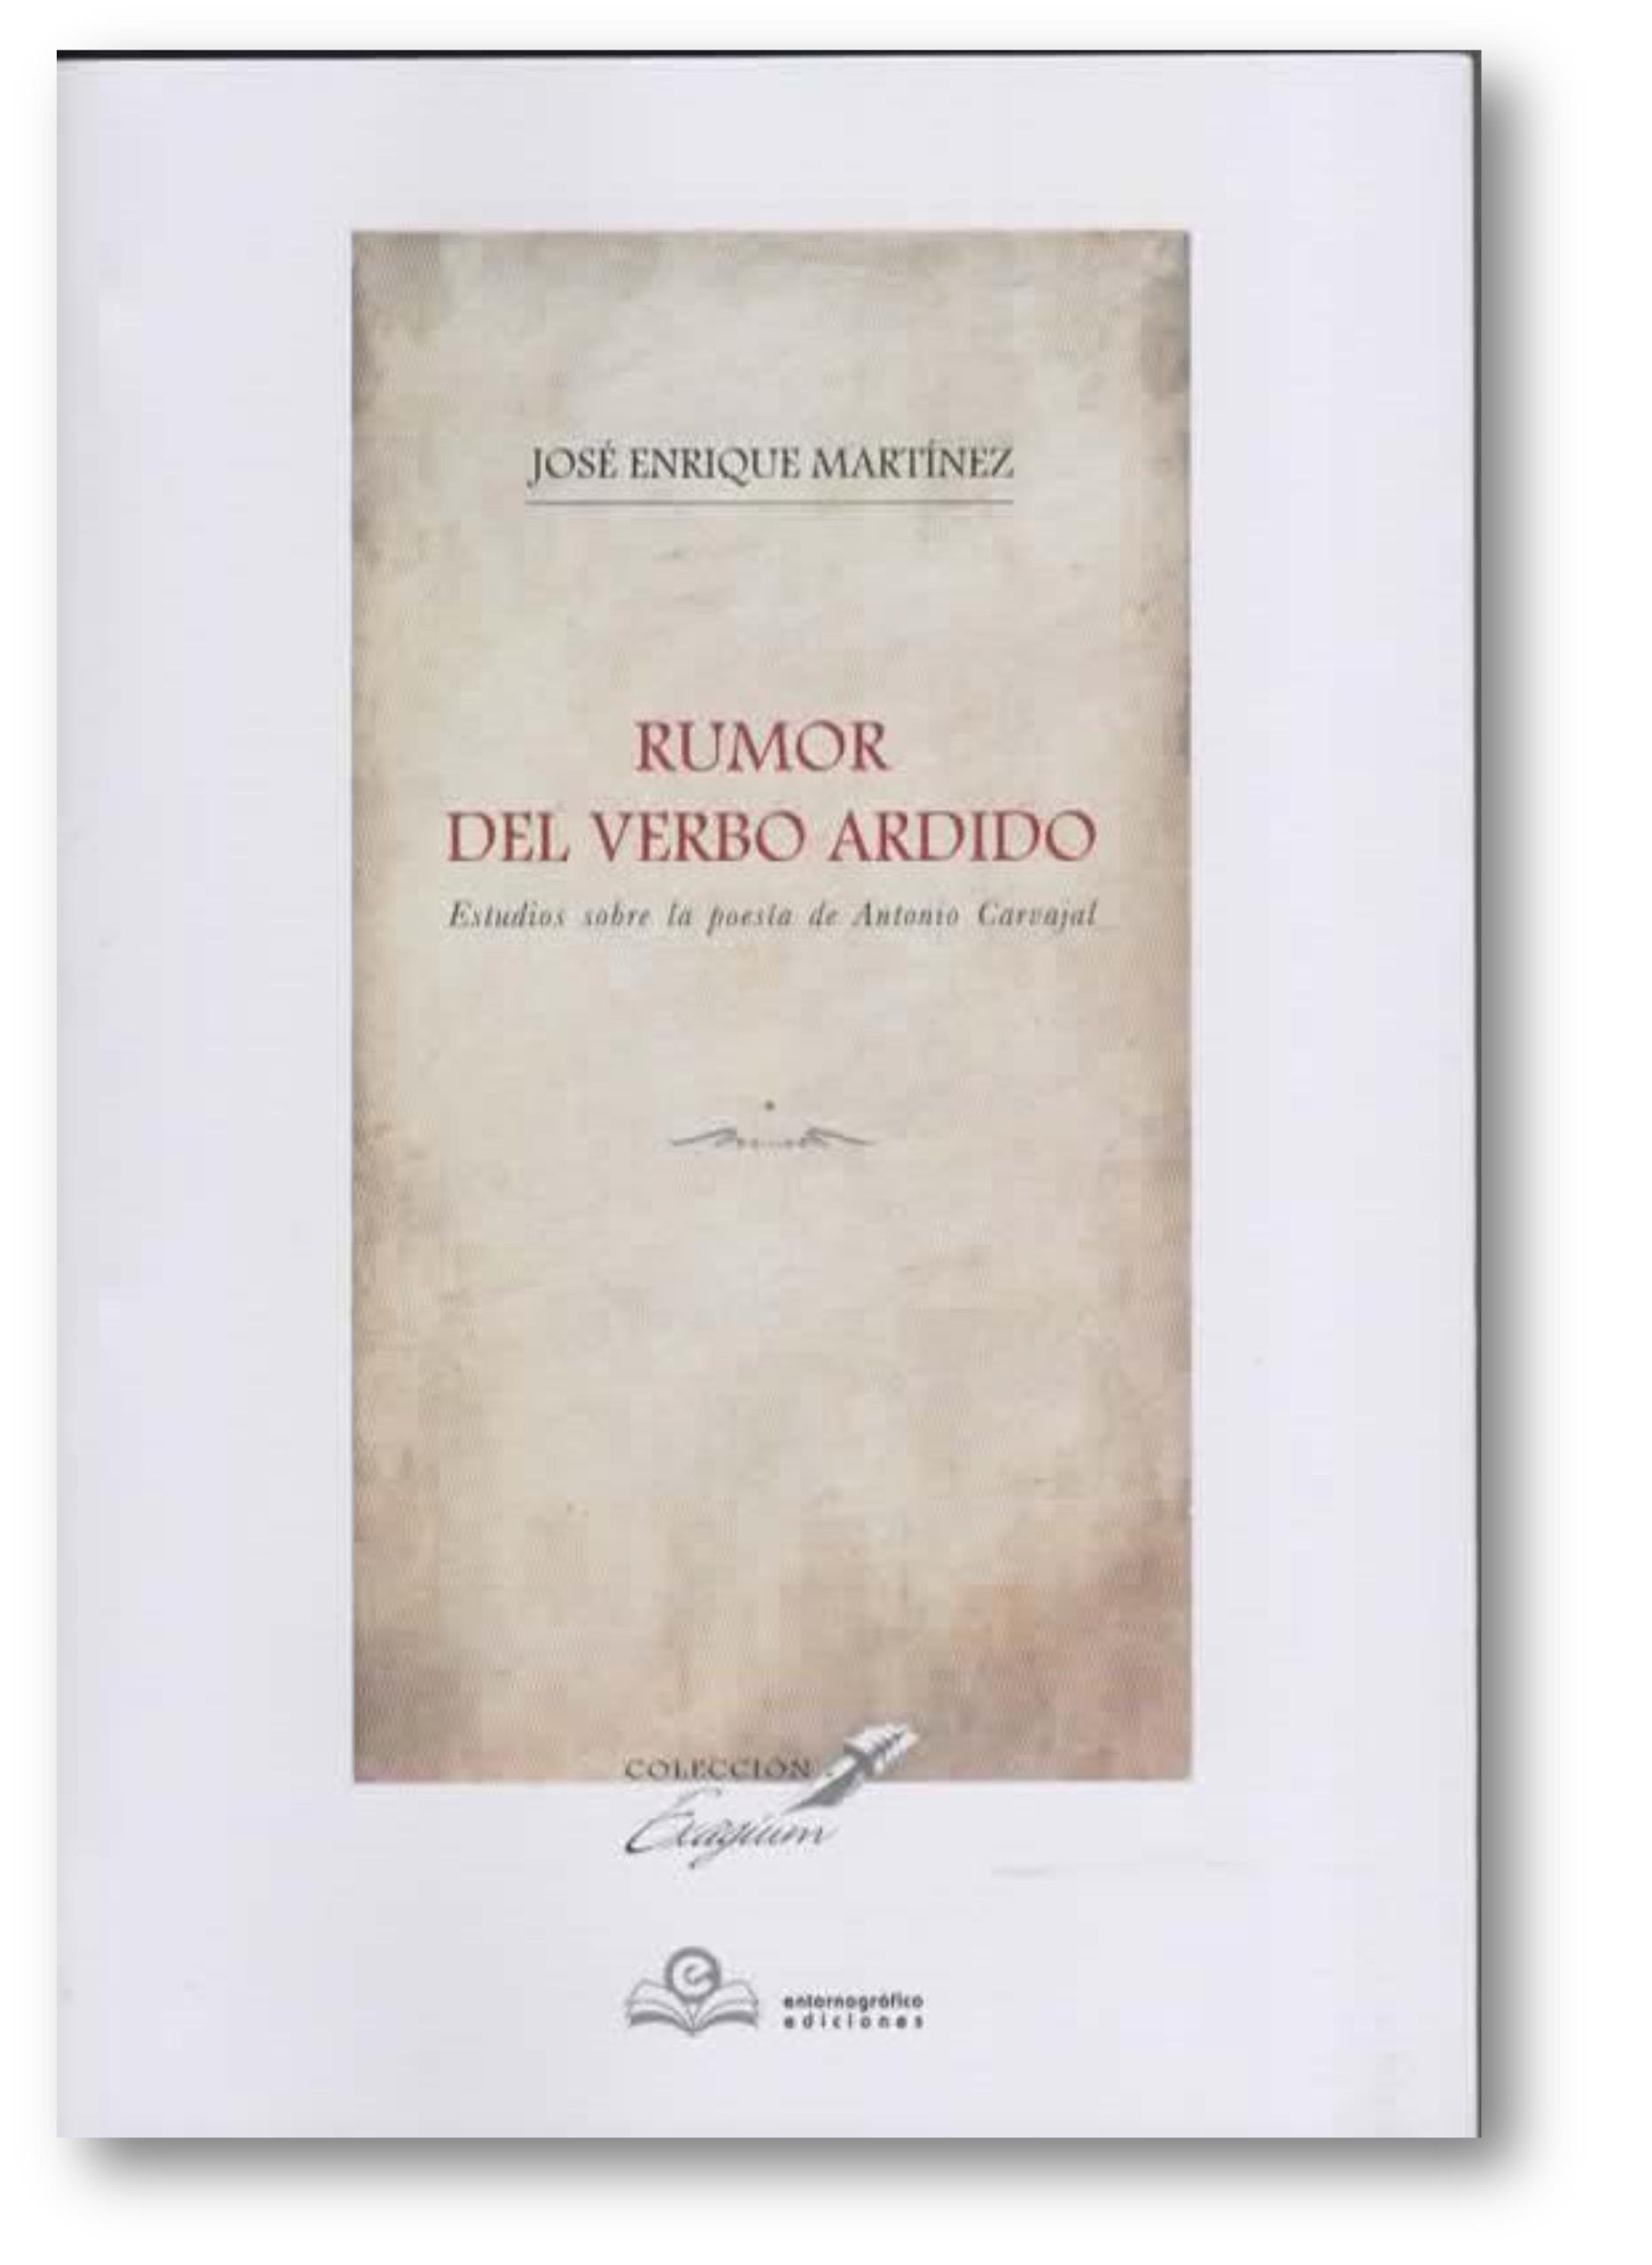 Rumor del verbo ardido, estudios sobre la poesía de Antonio Carvajal, de José Enrique Martínez